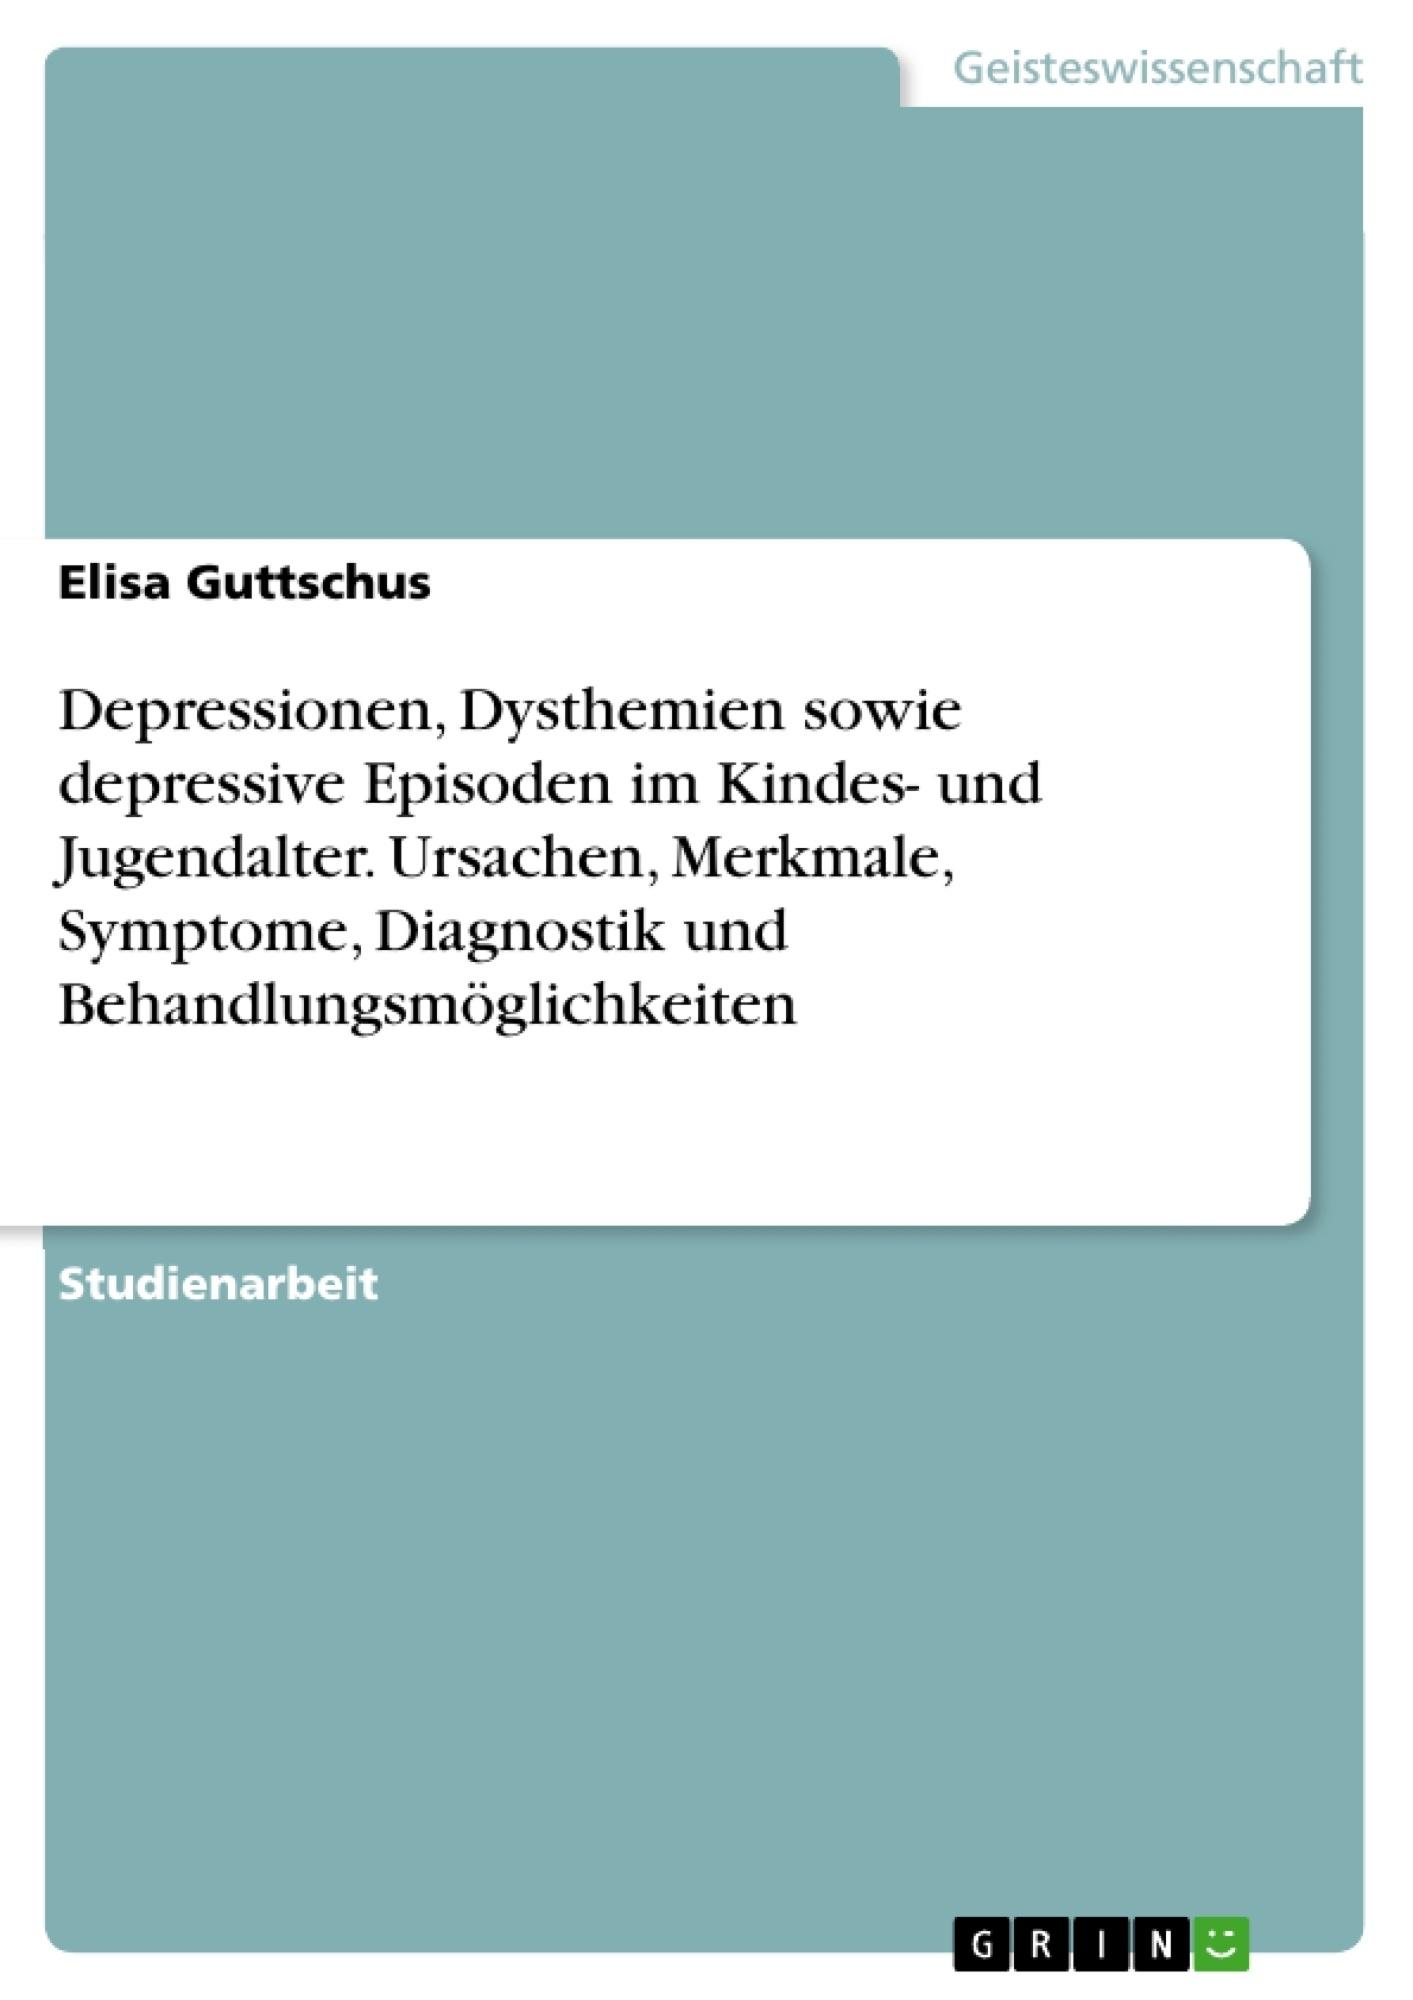 Titel: Depressionen, Dysthemien sowie depressive Episoden im Kindes- und Jugendalter. Ursachen, Merkmale, Symptome, Diagnostik und Behandlungsmöglichkeiten